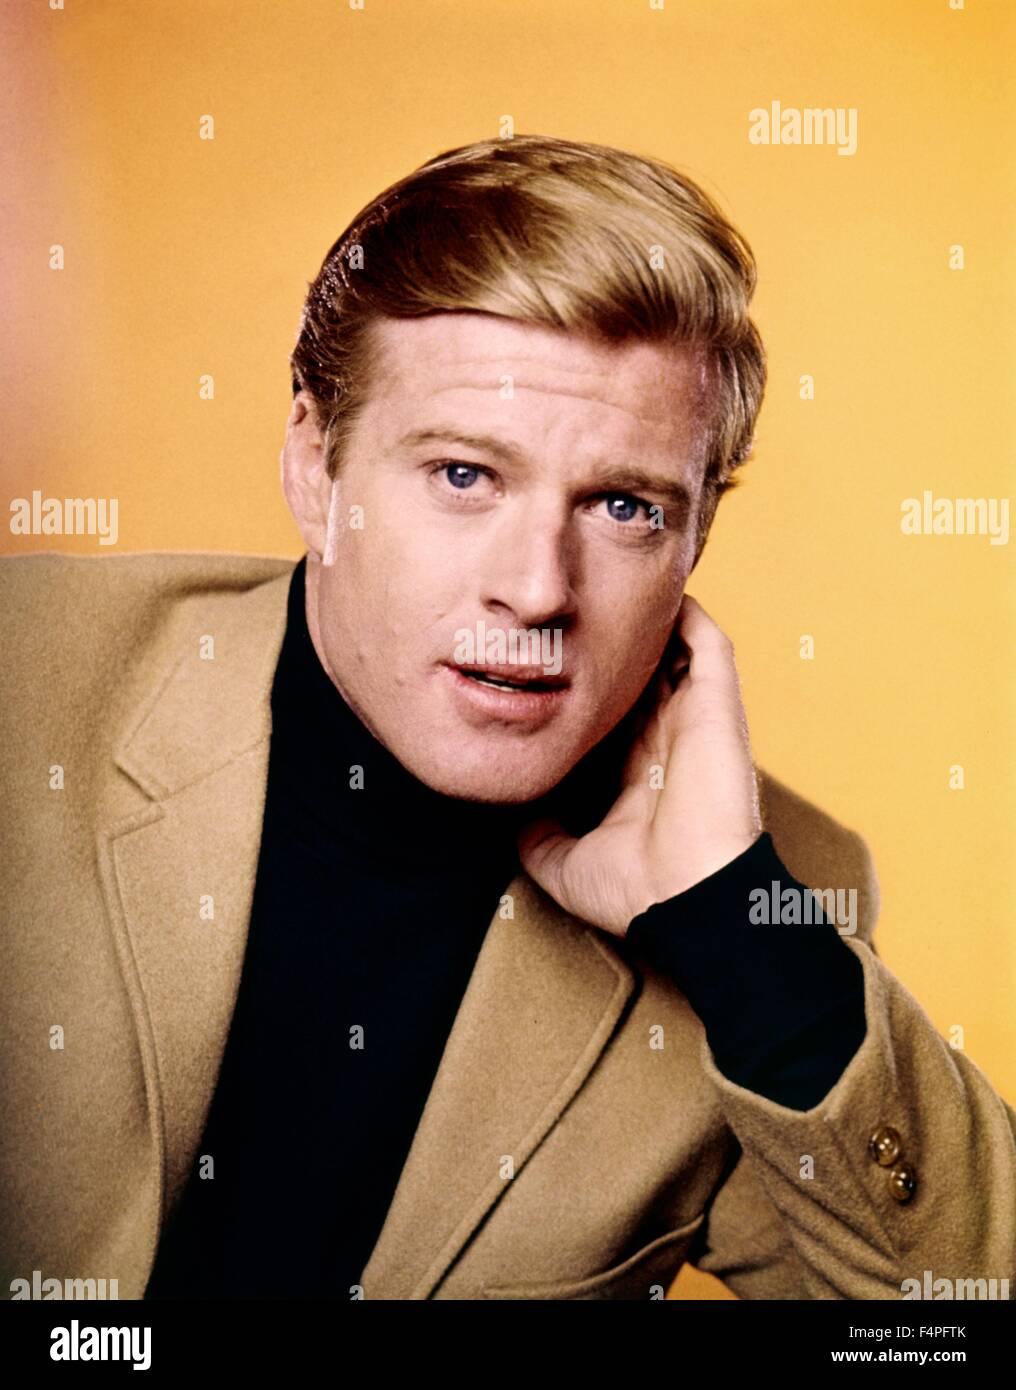 Robert Redford en 1965 Imagen De Stock